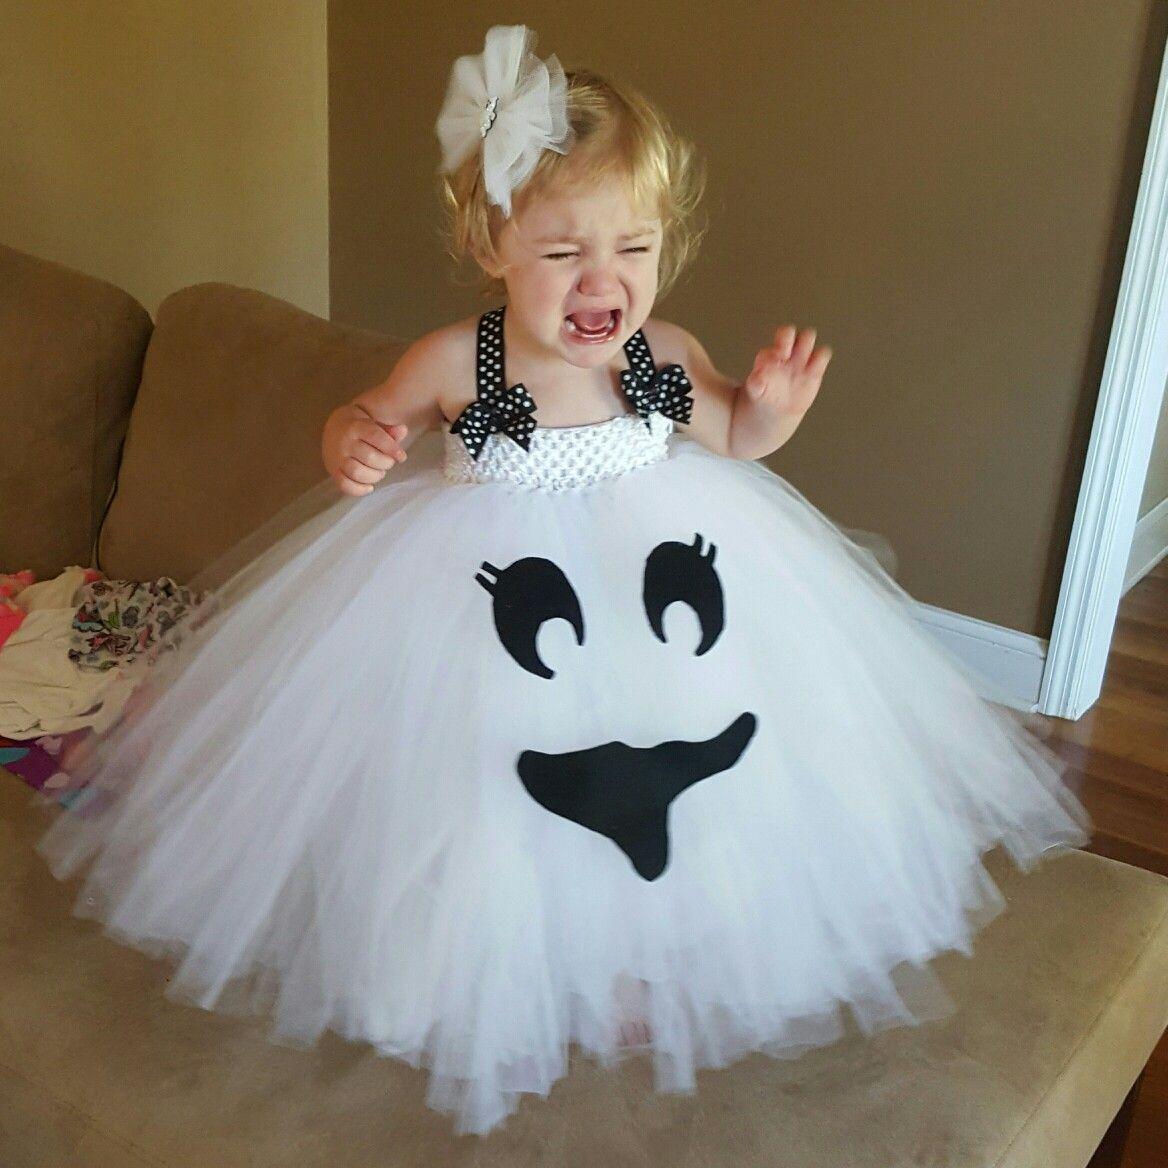 Ghost Tutu Outfit Girls Halloween Tutu Costume Baby Girl Halloween Costume Kids Halloween Costume Baby Girl Halloween Costume Tutu Ghost